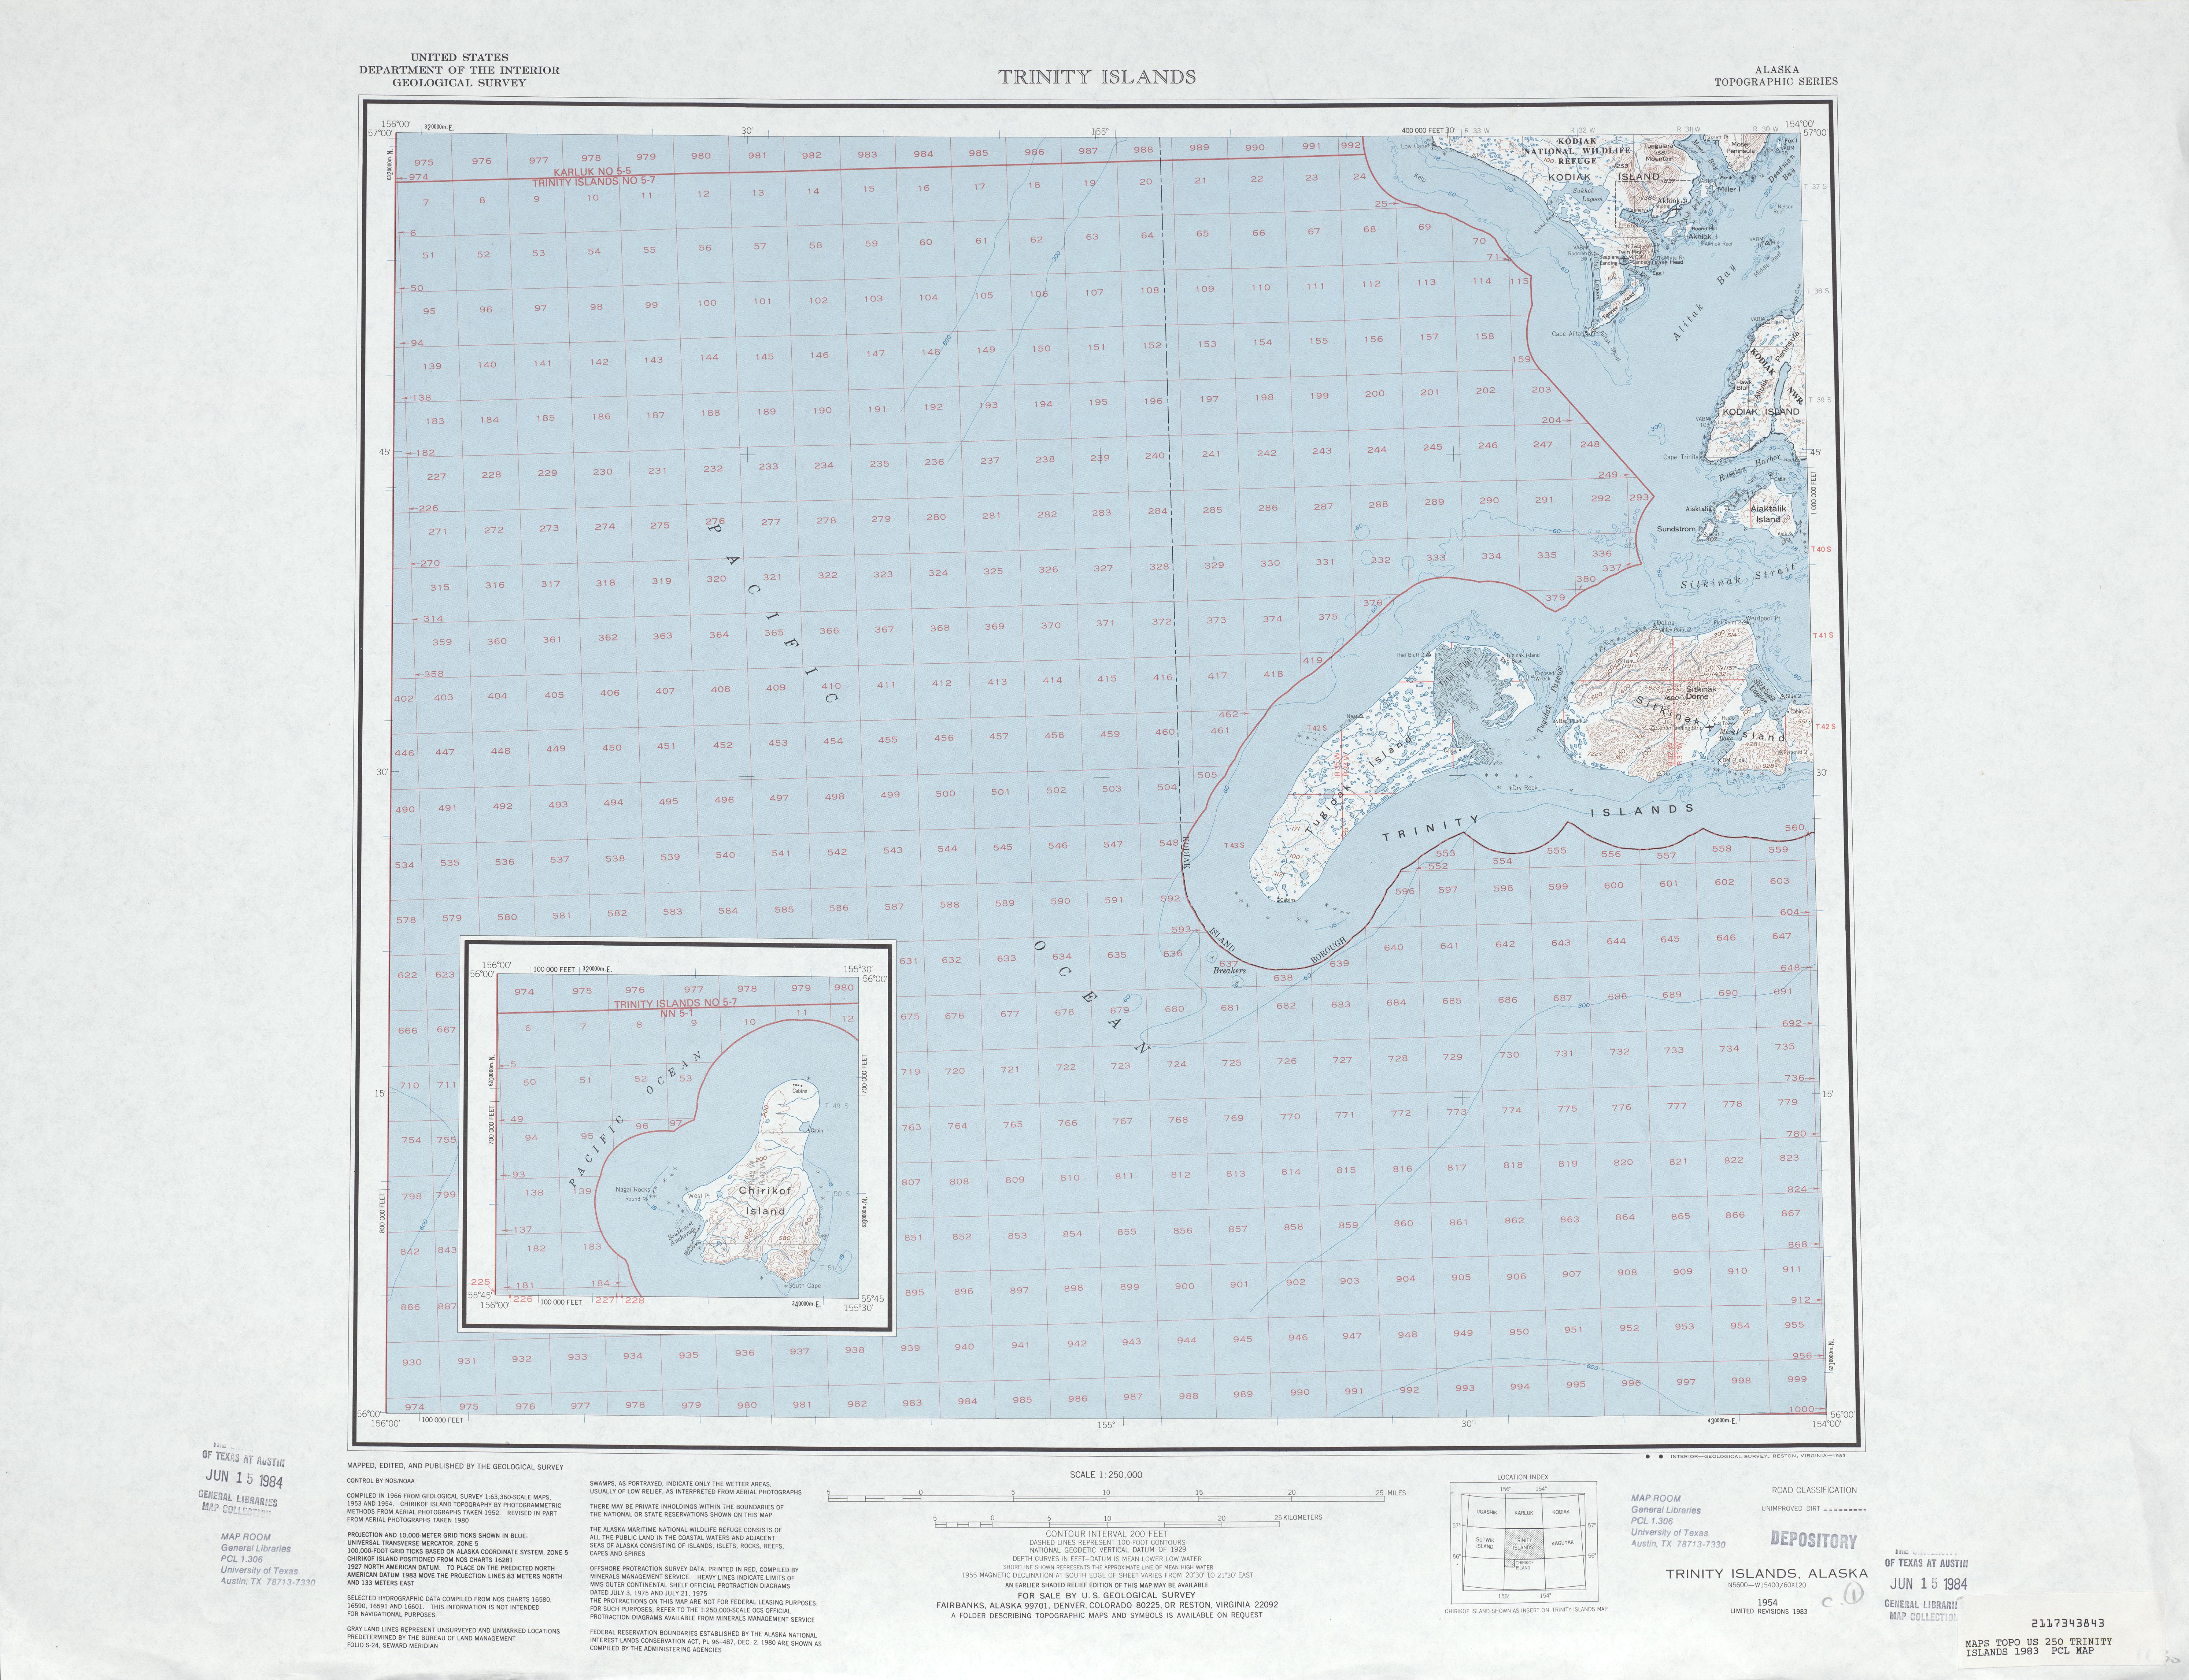 Hoja Trinity Islands del Mapa Topográfico de los Estados Unidos 1983